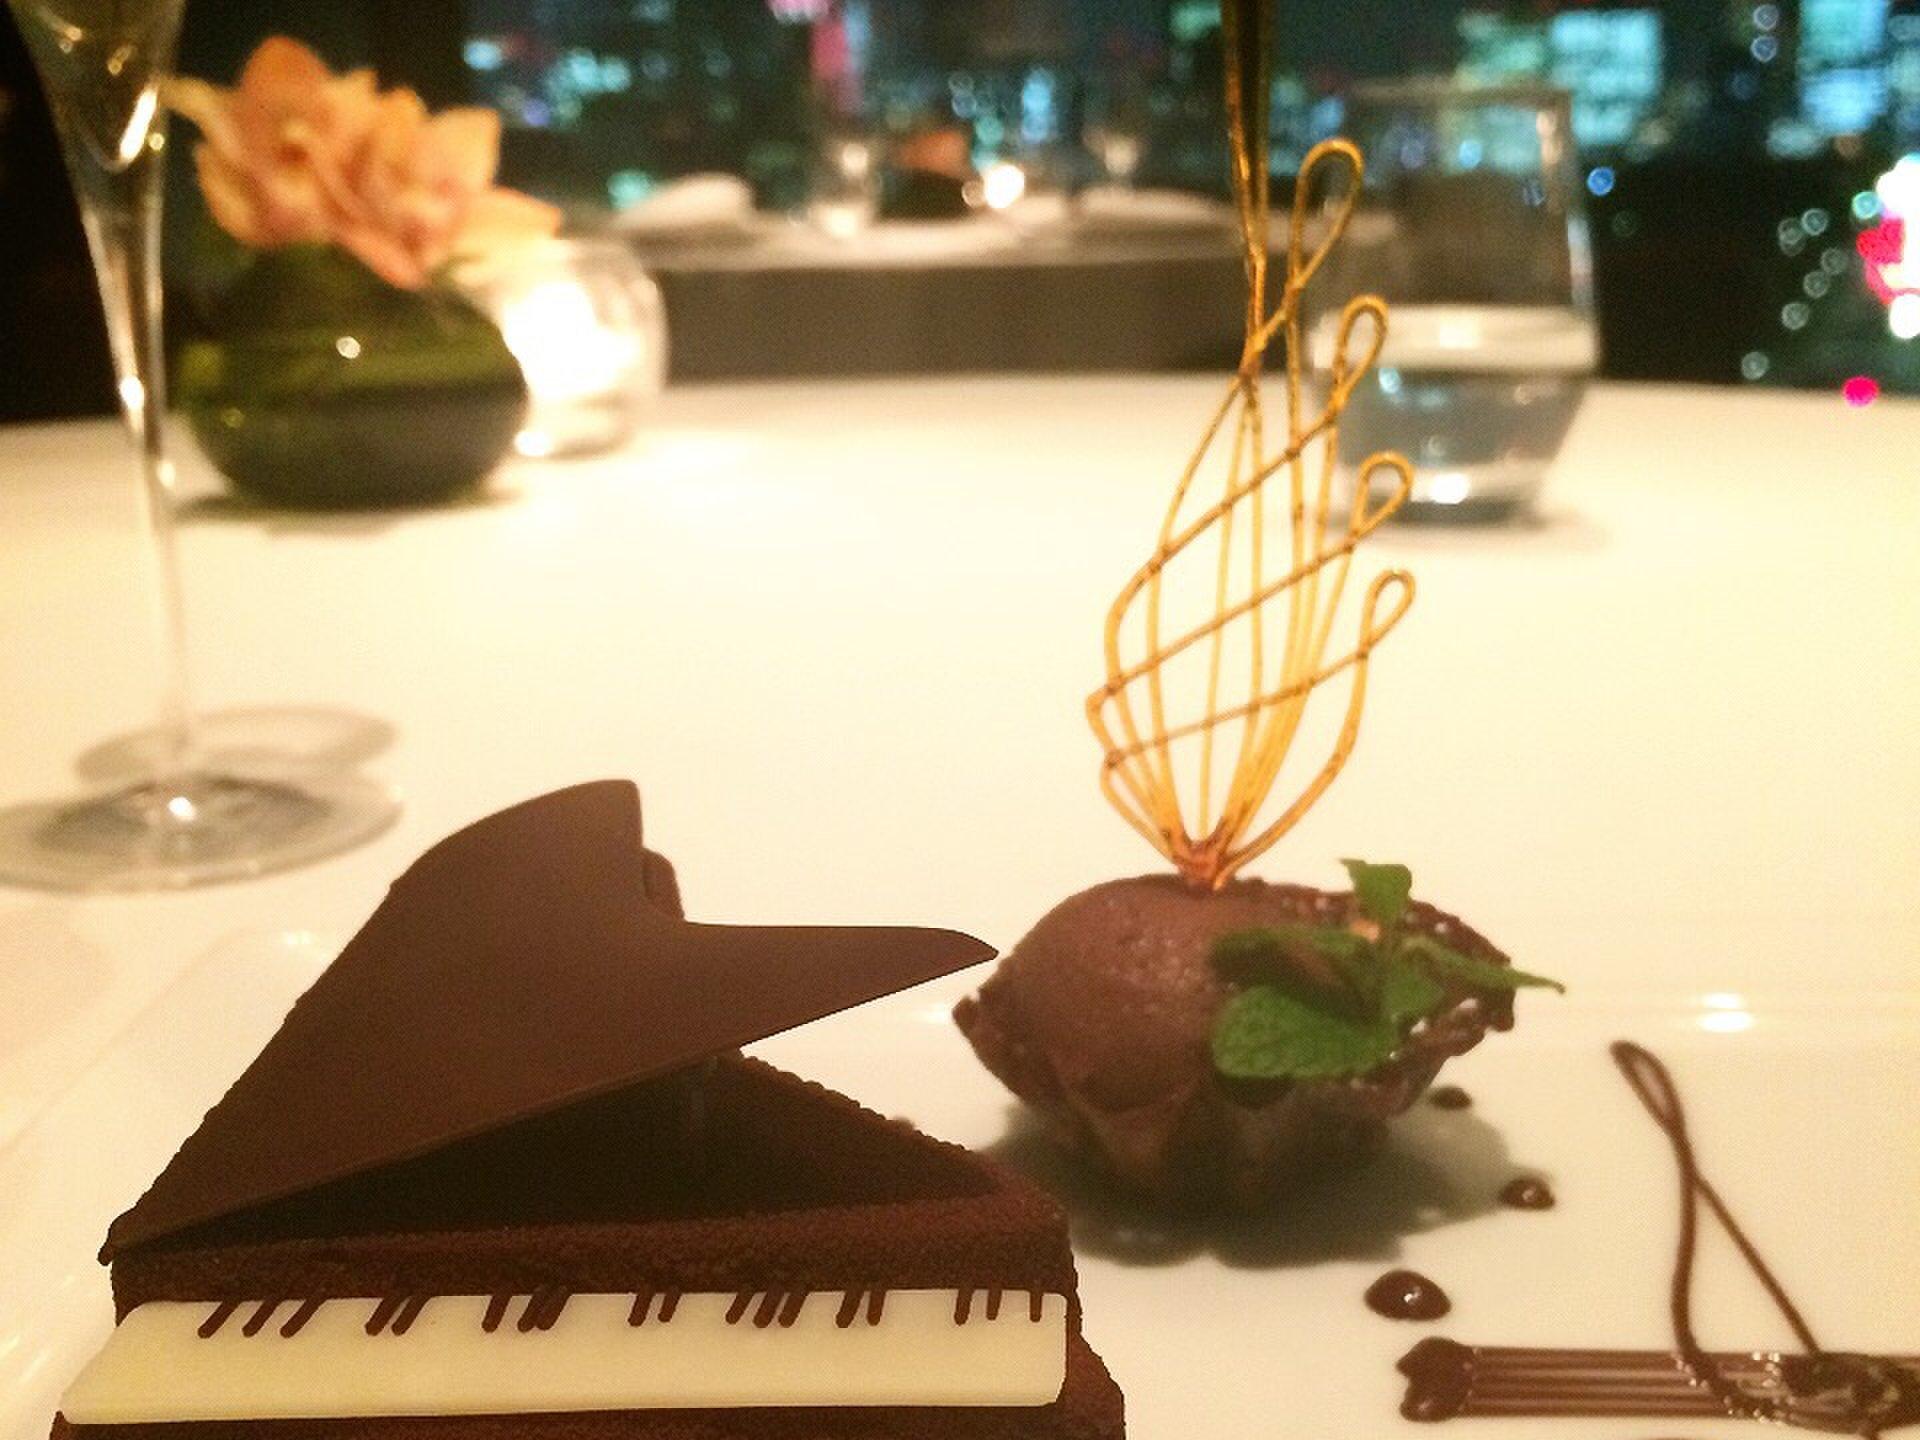 【東京都内で特別なデートをしたいあなたへ♡】デートの頻度が少ないからこそ、彼氏とちょっぴり贅沢ディナーしませんか?